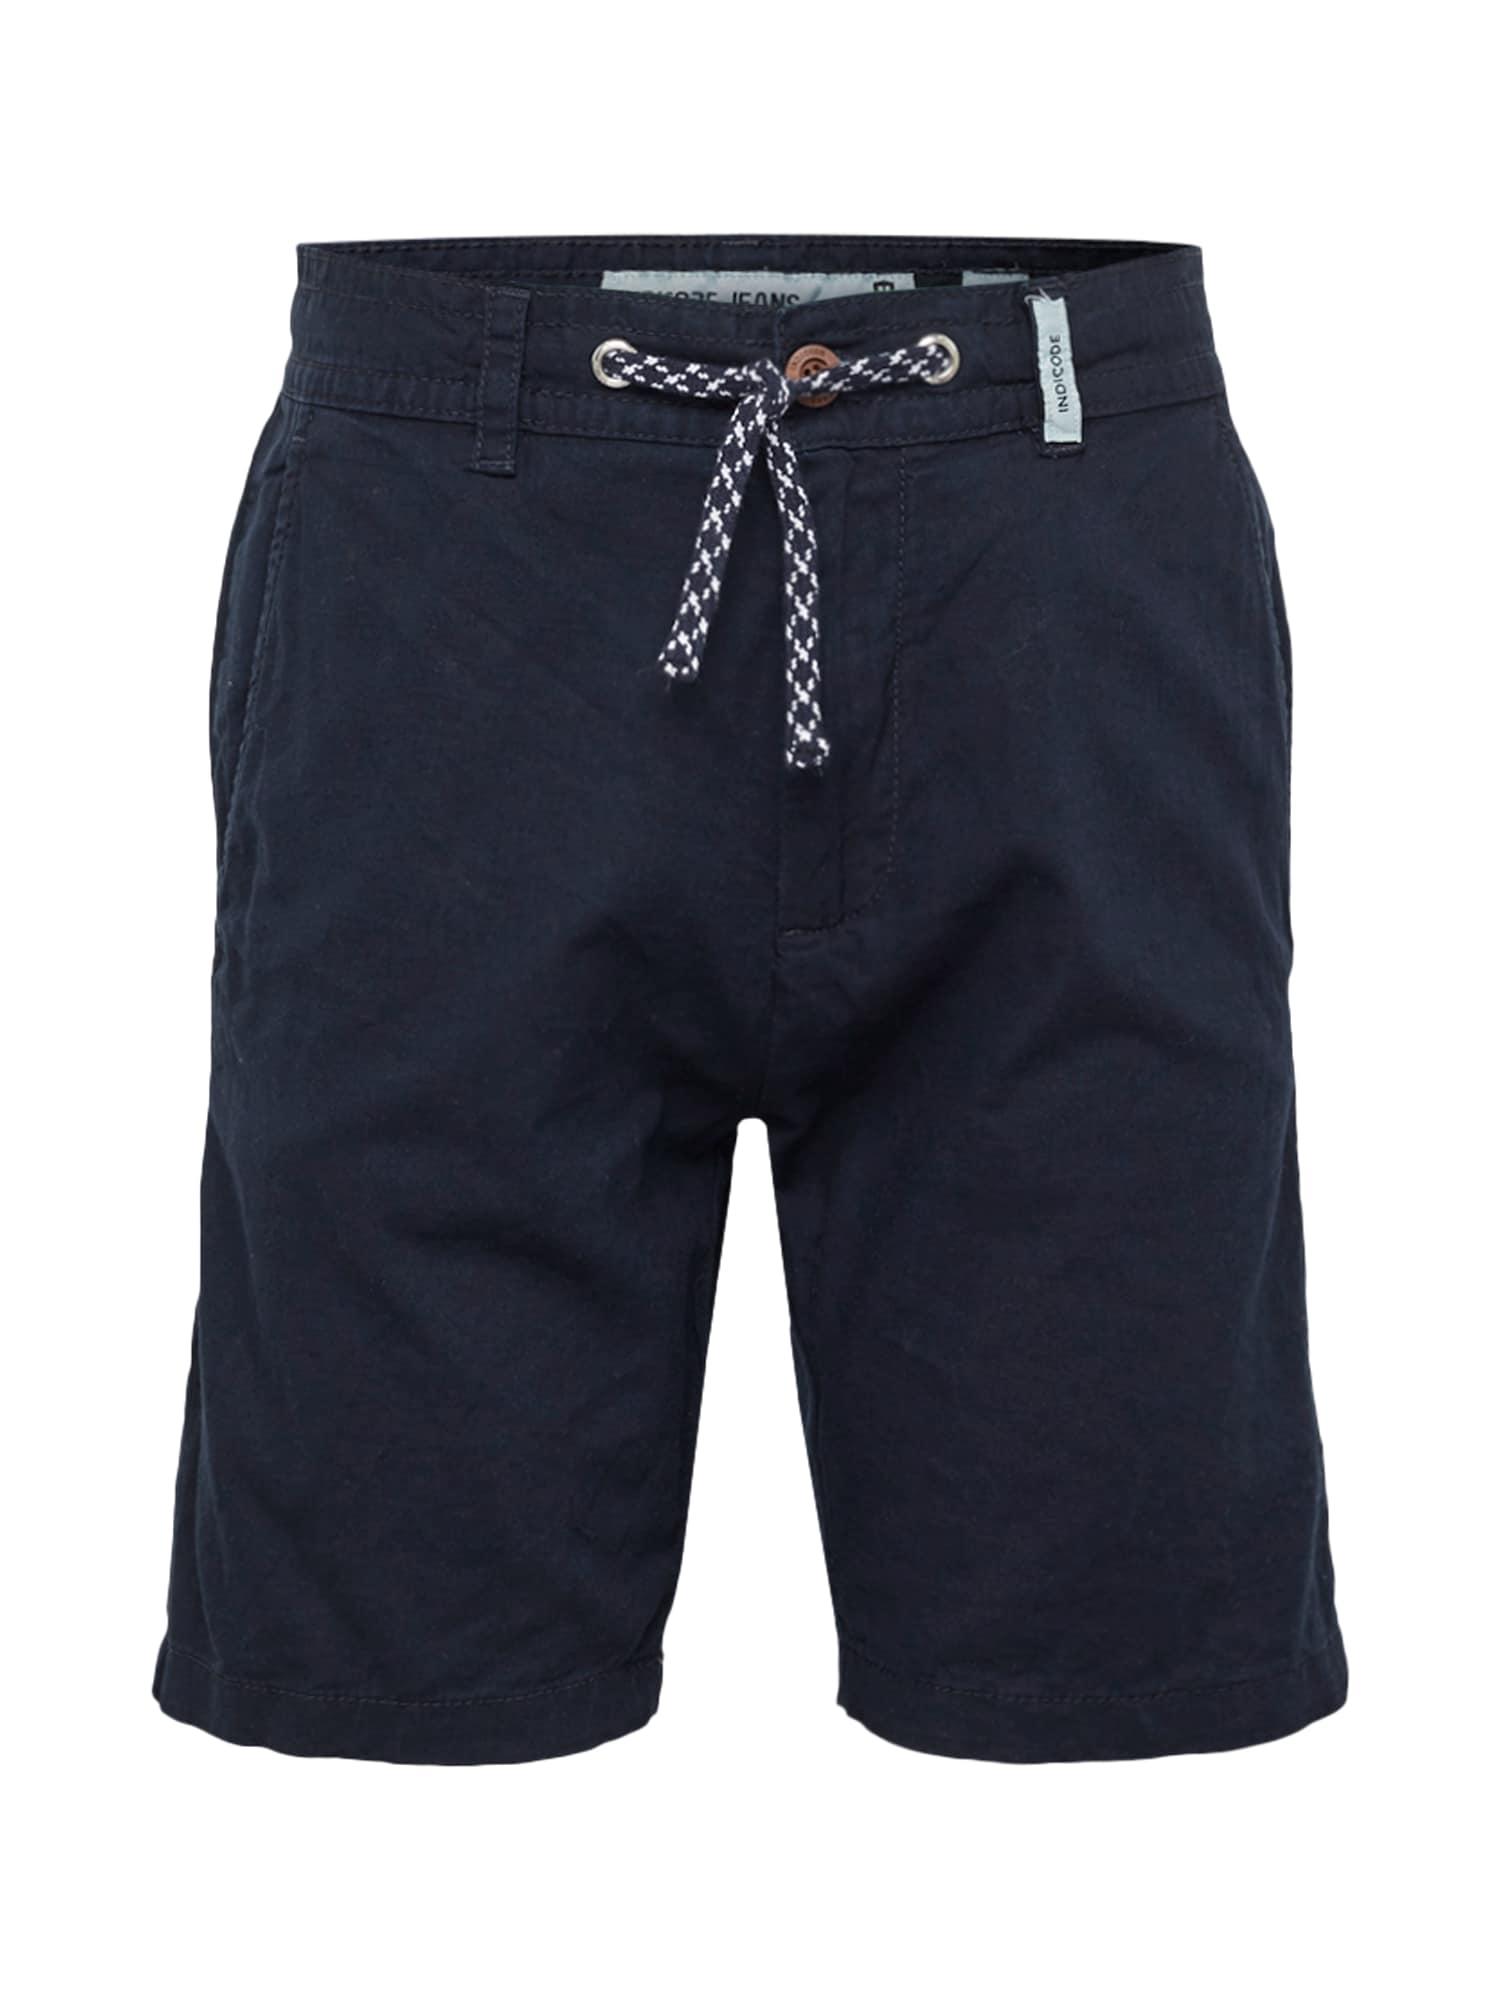 Kalhoty Bovmanville námořnická modř INDICODE JEANS